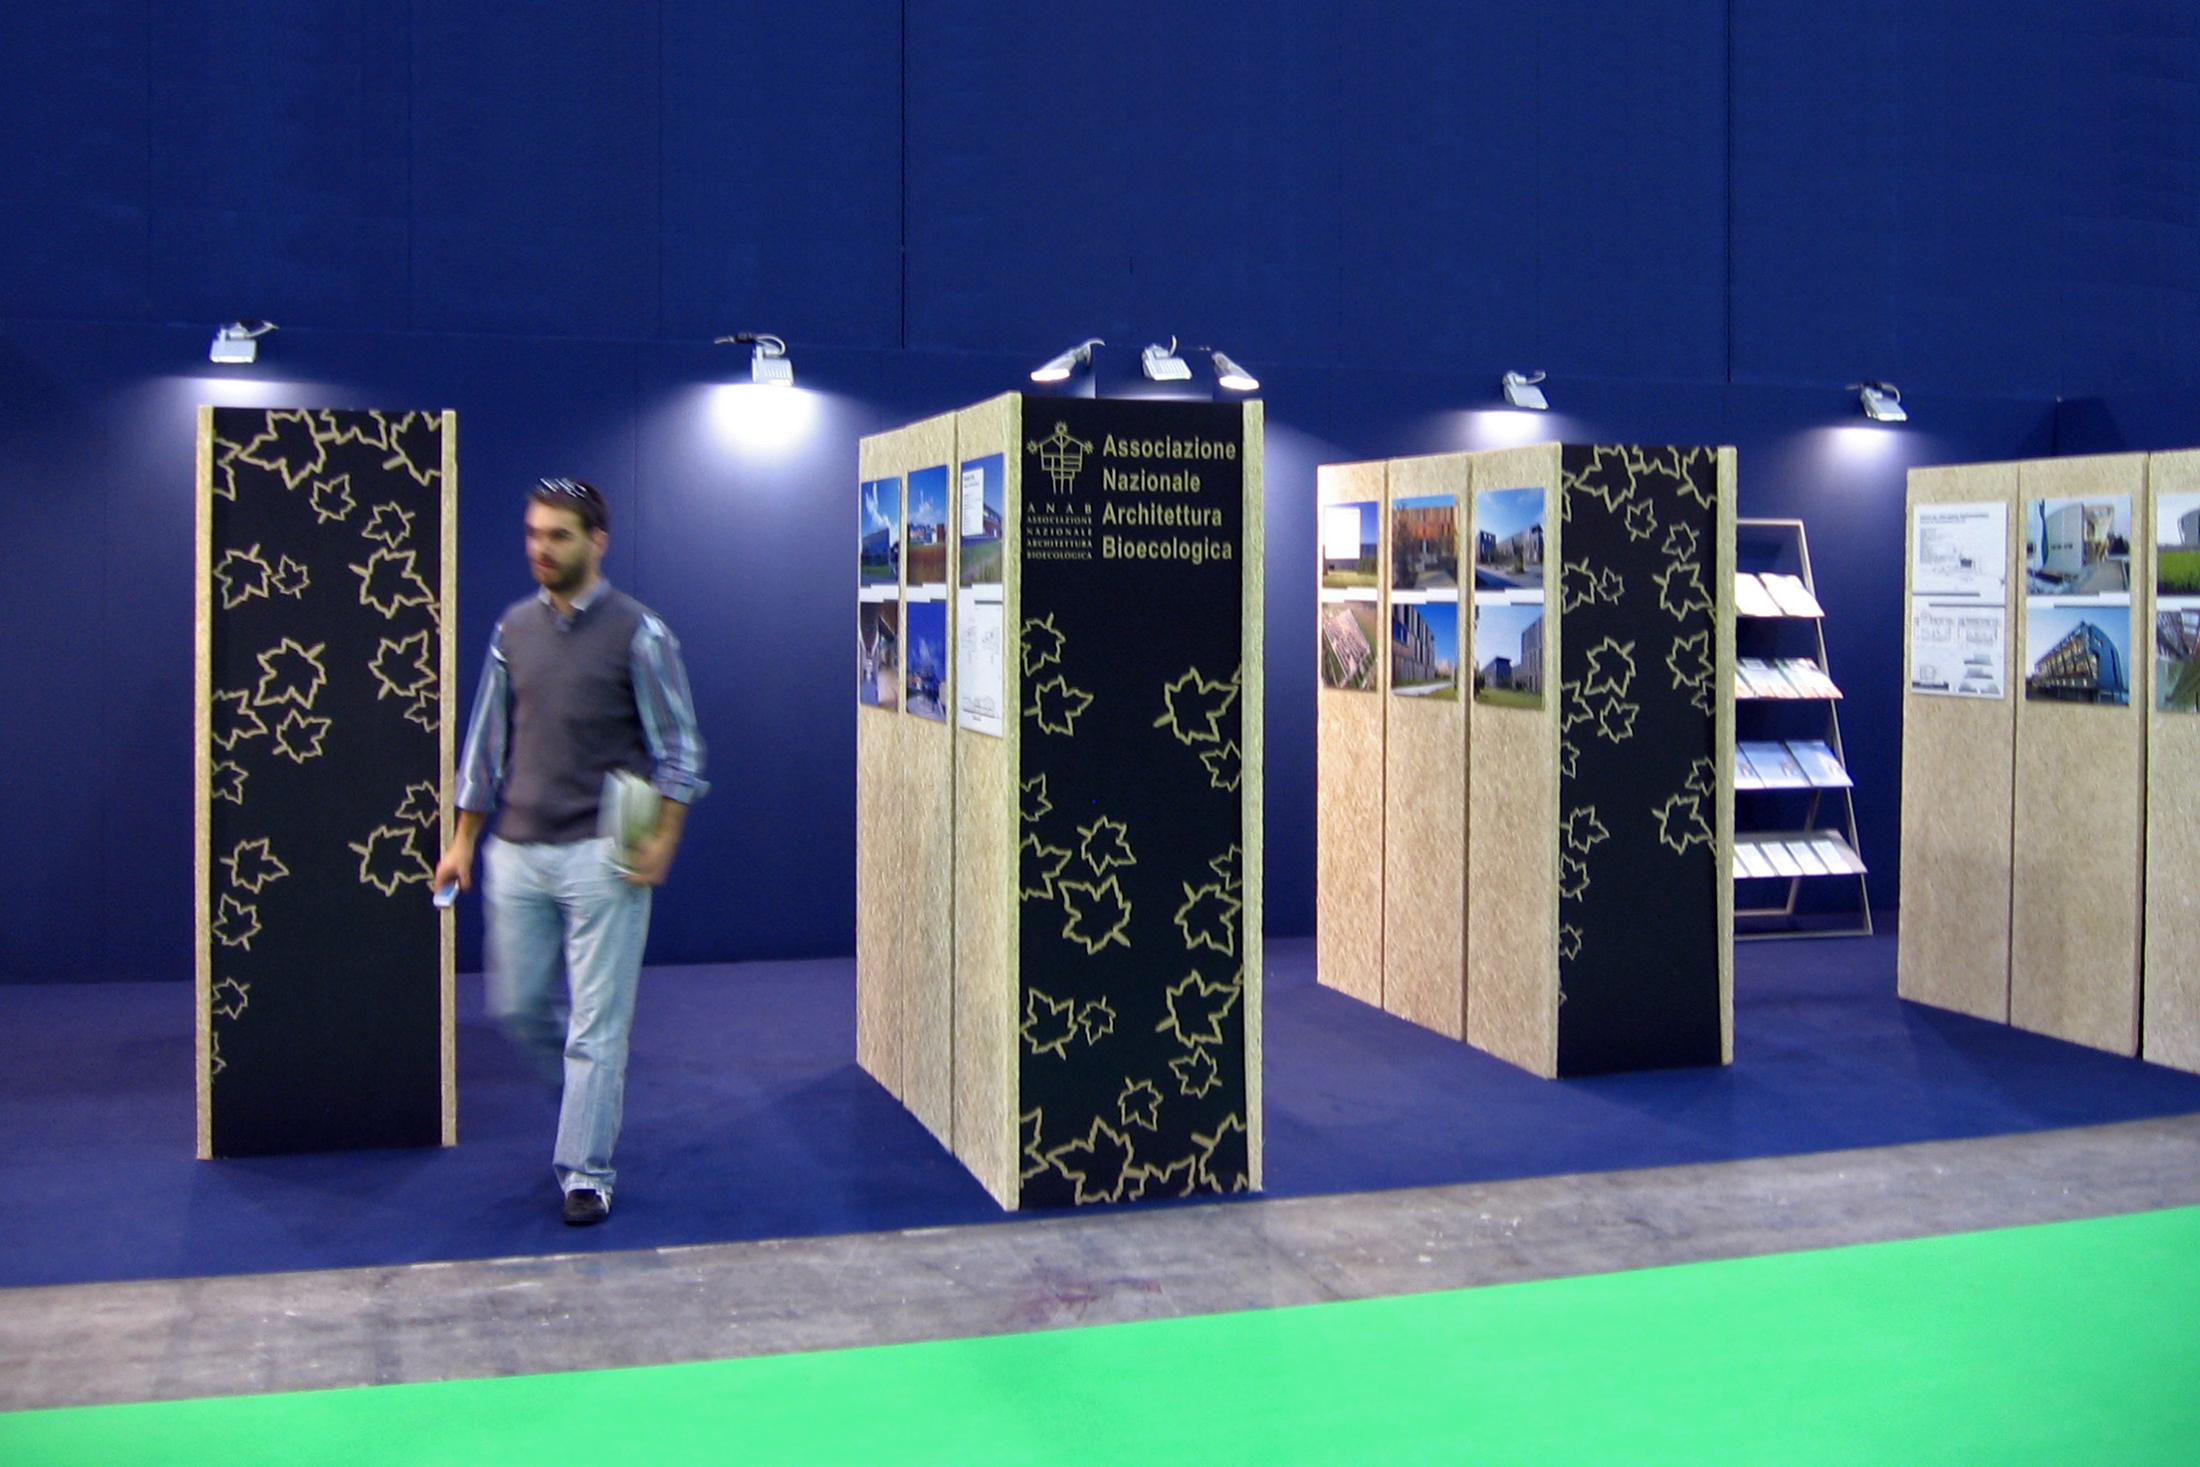 Progettazione stand sostenibile - Greenbuilding 2008